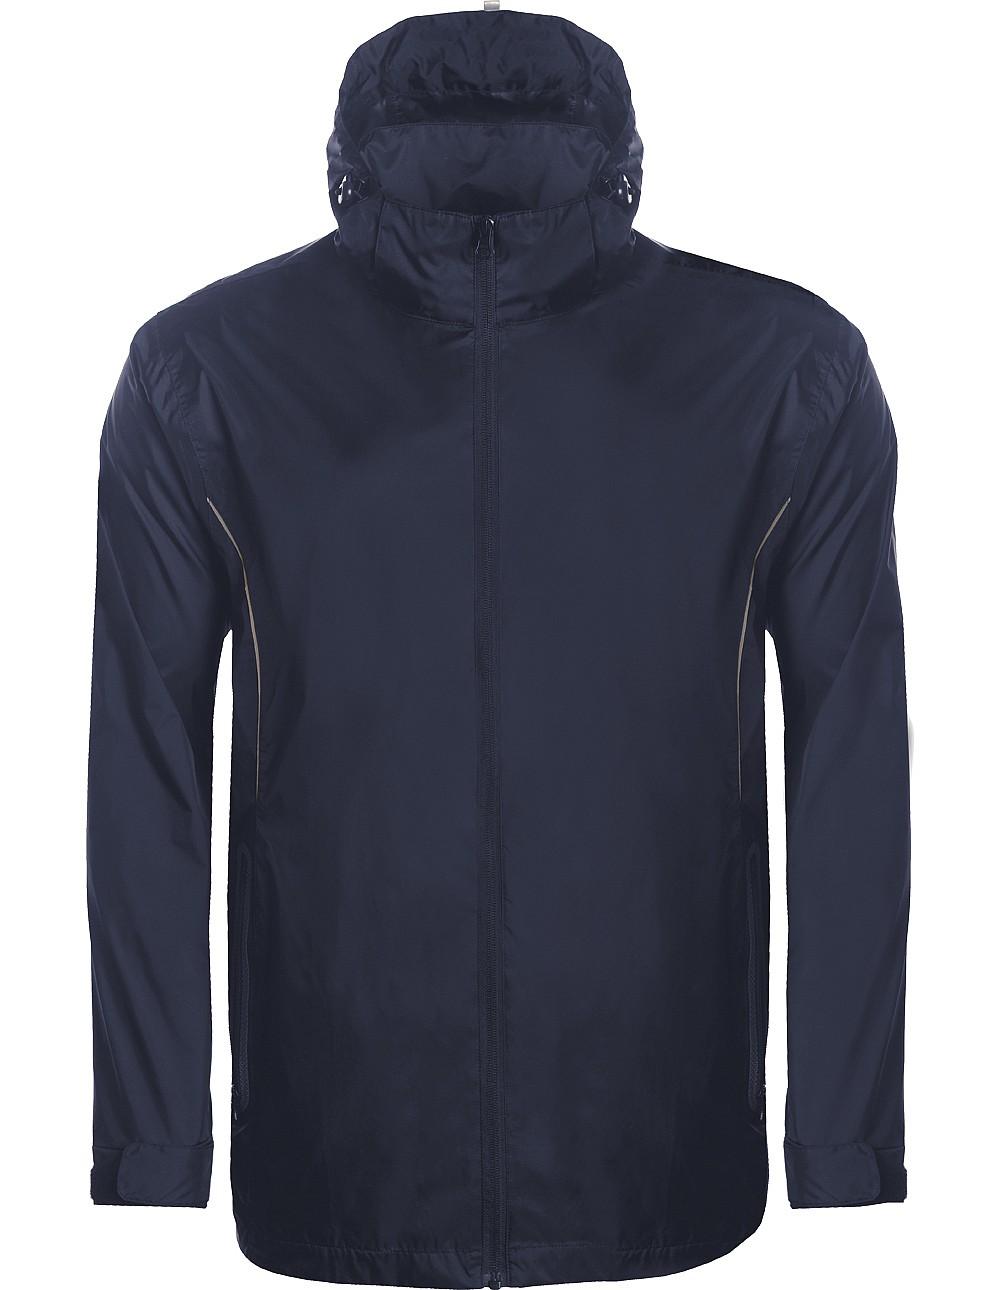 Rain jacket Aptus